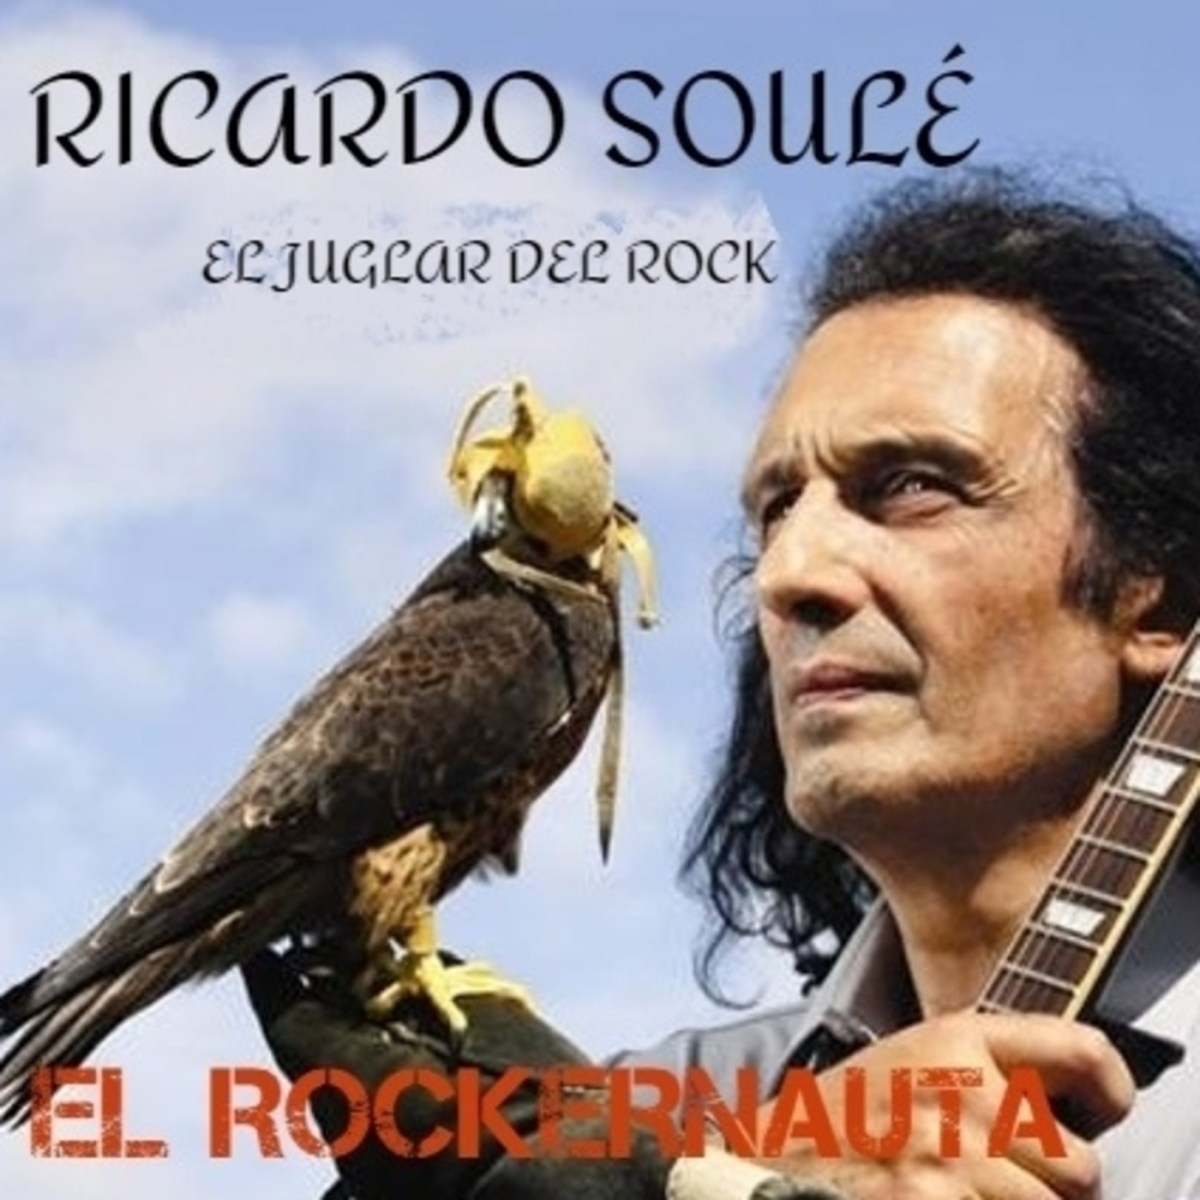 EL ROCKERNAUTA: Ricardo Soulé. El juglar del rock